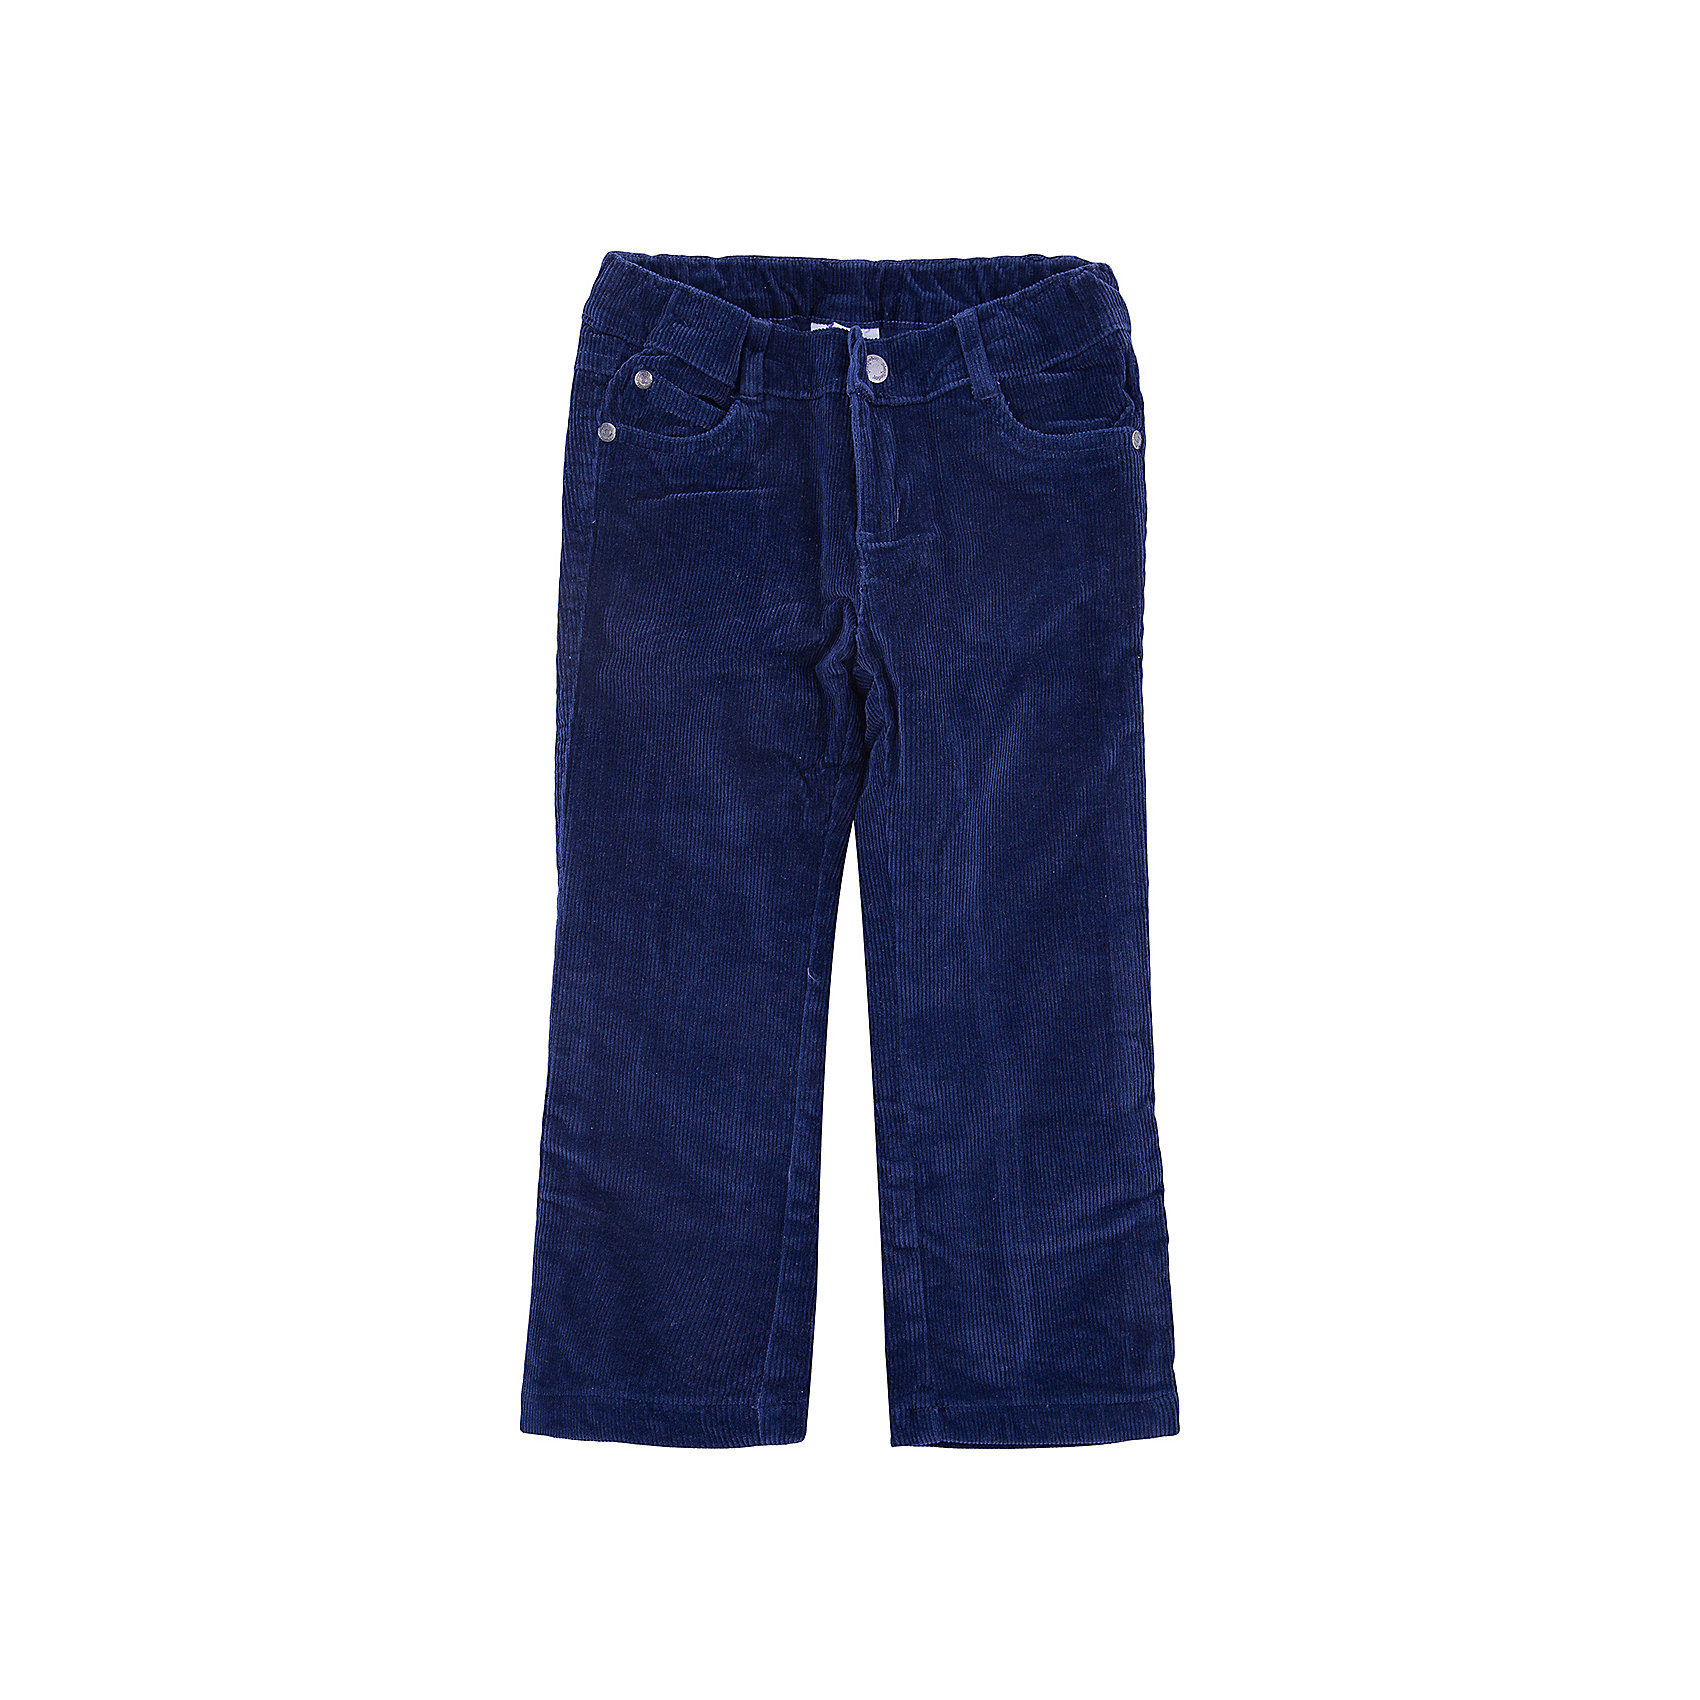 Брюки для мальчика PlayTodayБрюки<br>Брюки для мальчика от известного бренда PlayToday.<br>Уютные вельветовые брюки темно-синего цвета. Классическая пятикарманка. Застегиваются на молнию и кнопку, пояс на резинке. Внутри мягкая хлопковая подкладка.<br>Состав:<br>Верх: 98% хлопок, 2% эластан, подкладка: 50% хлопок, 50% полиэстер<br><br>Ширина мм: 215<br>Глубина мм: 88<br>Высота мм: 191<br>Вес г: 336<br>Цвет: синий<br>Возраст от месяцев: 36<br>Возраст до месяцев: 48<br>Пол: Мужской<br>Возраст: Детский<br>Размер: 104,122,98,116,110,128<br>SKU: 4896759